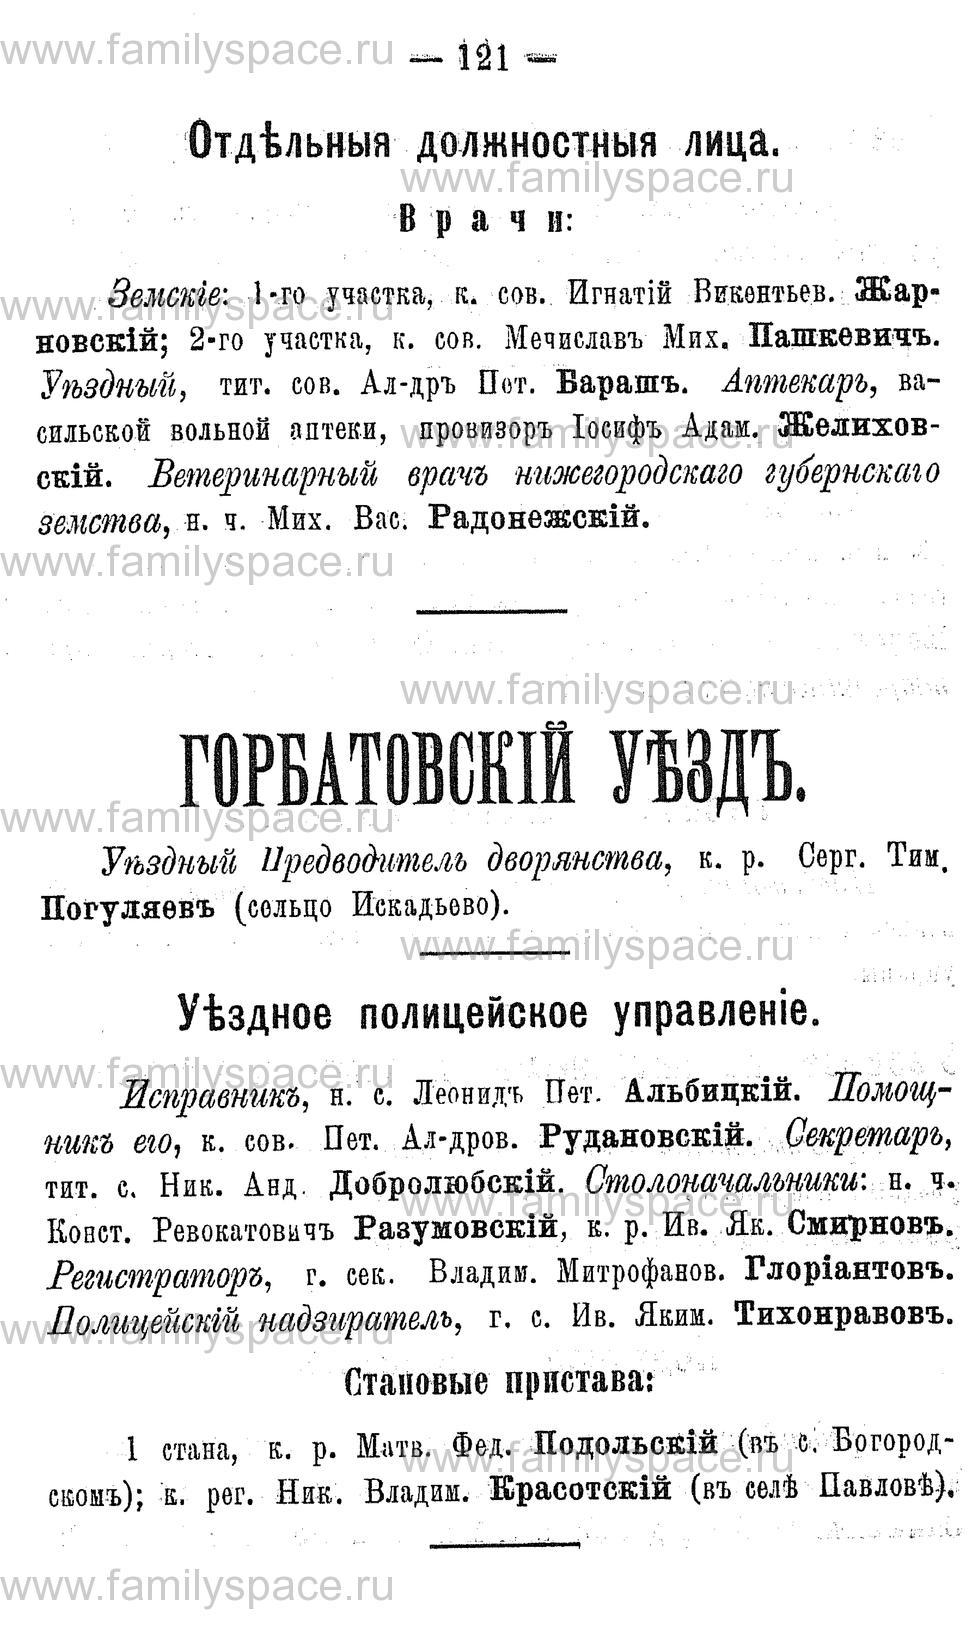 Поиск по фамилии - Адрес-календарь Нижегородской губернии на 1891 год, страница 121